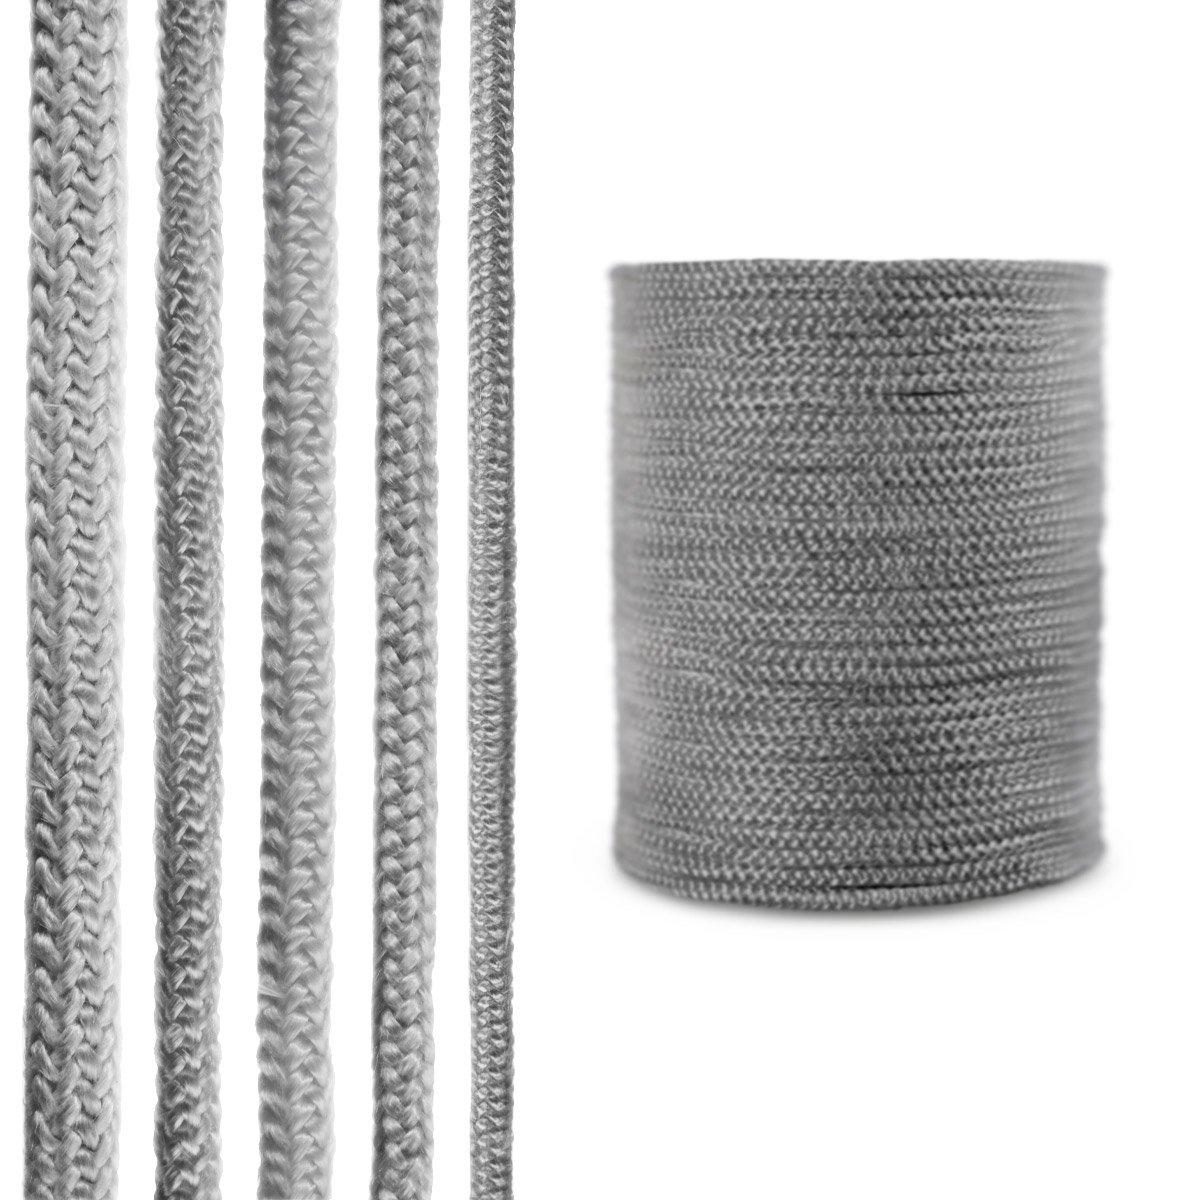 STEIGNER Cordó n de Fibra de Vidrio SKD02-10, 10 m, 10 mm, Gris Oscuro Sellador Resistente a Temperaturas hasta 550° C Gris Oscuro Sellador Resistente a Temperaturas hasta 550°C